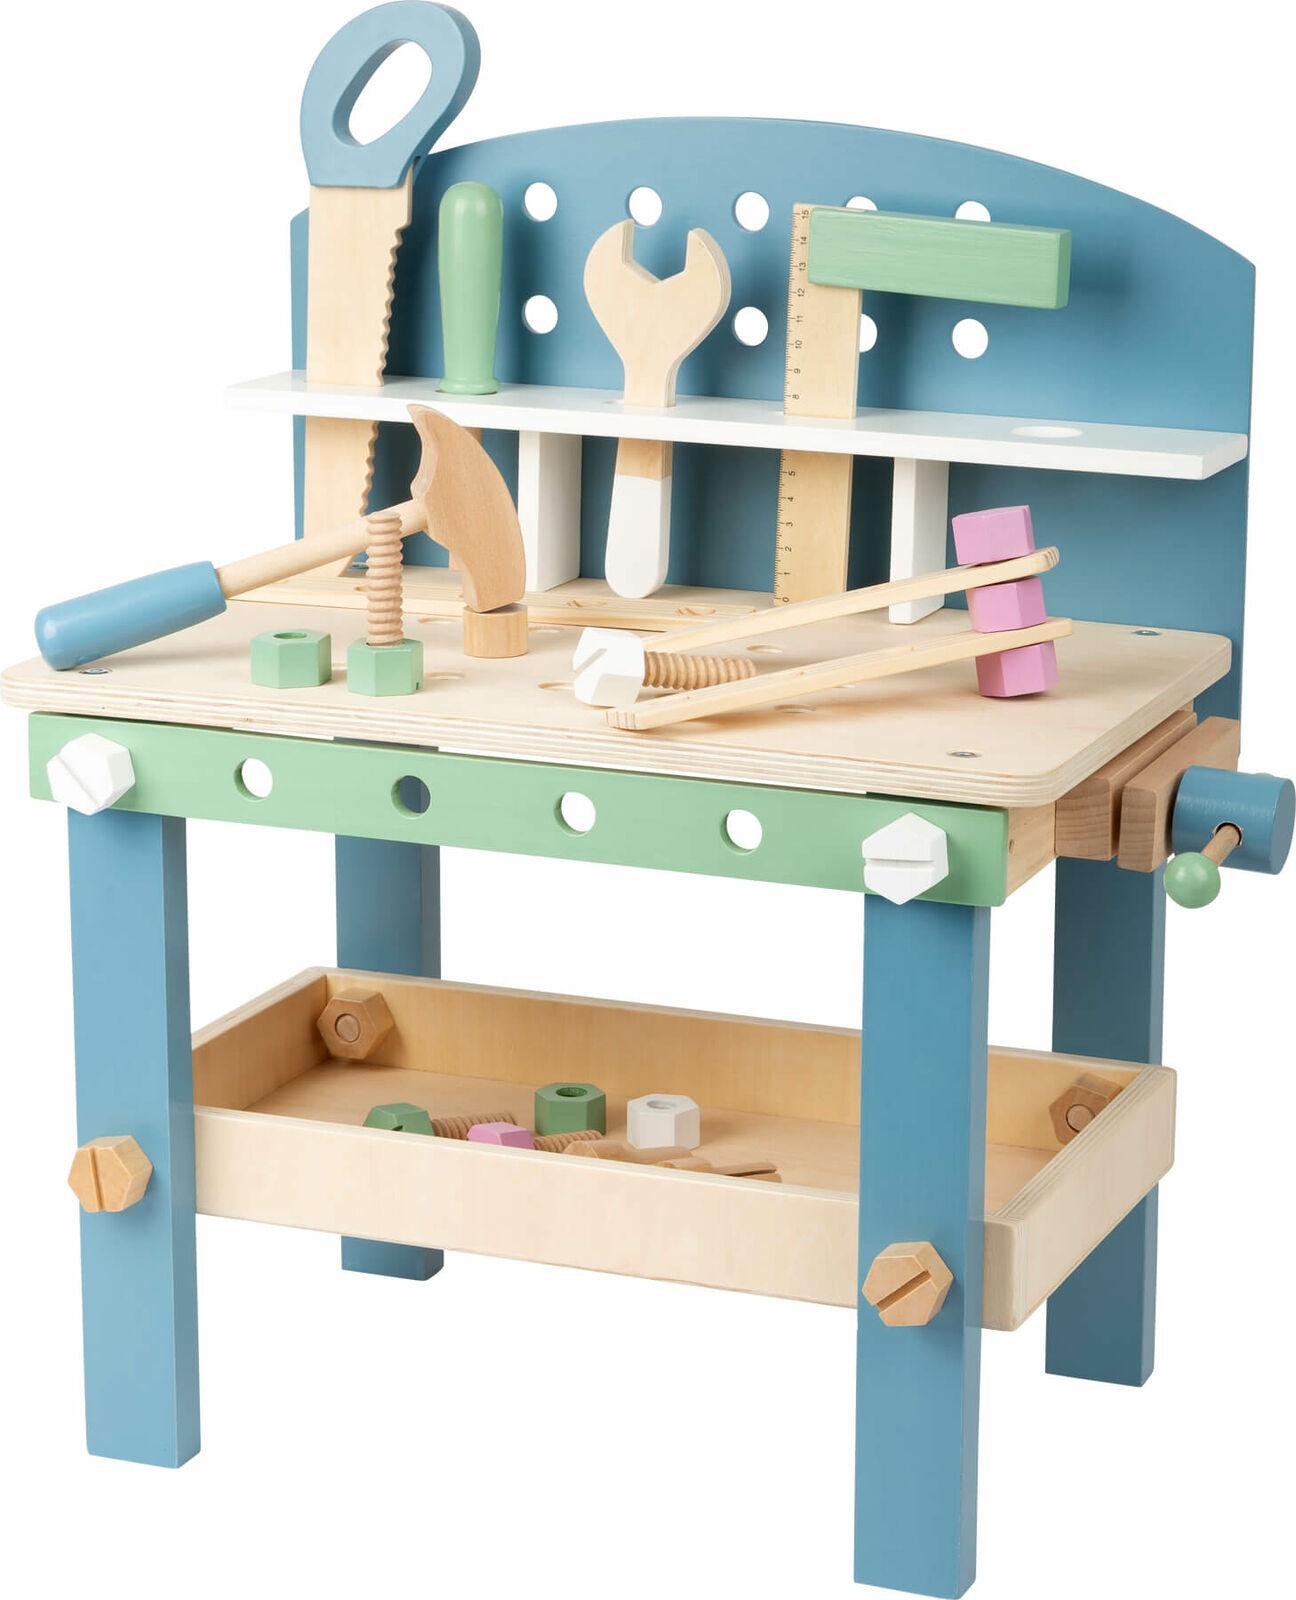 SMALL FOOT  Werkbank Nordic kompakt Kinderwerkbank Holz Arbeitstisch Kinder BUNT